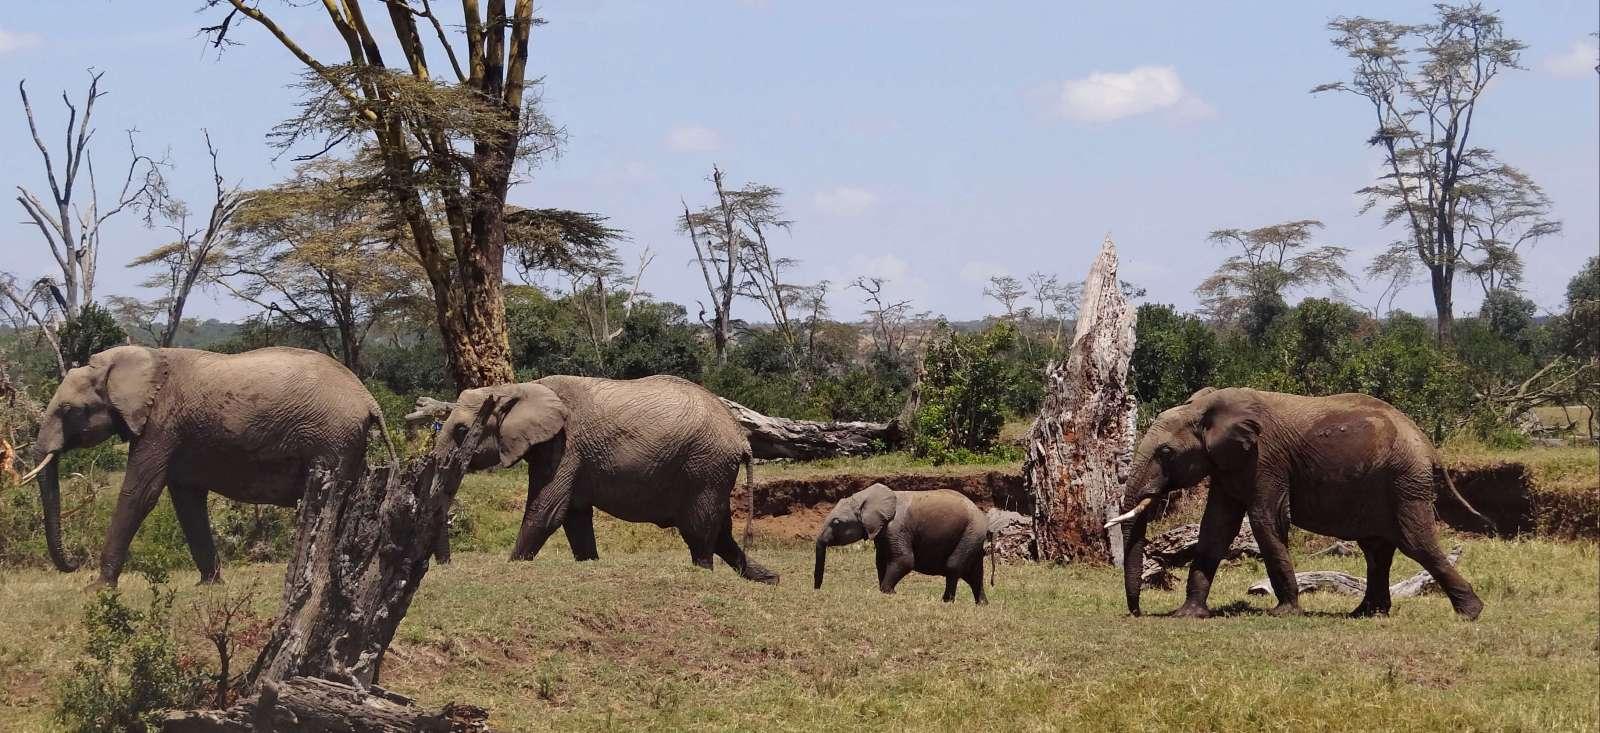 Voyage avec des animaux Kenya : Les incontournables du safari au Kenya